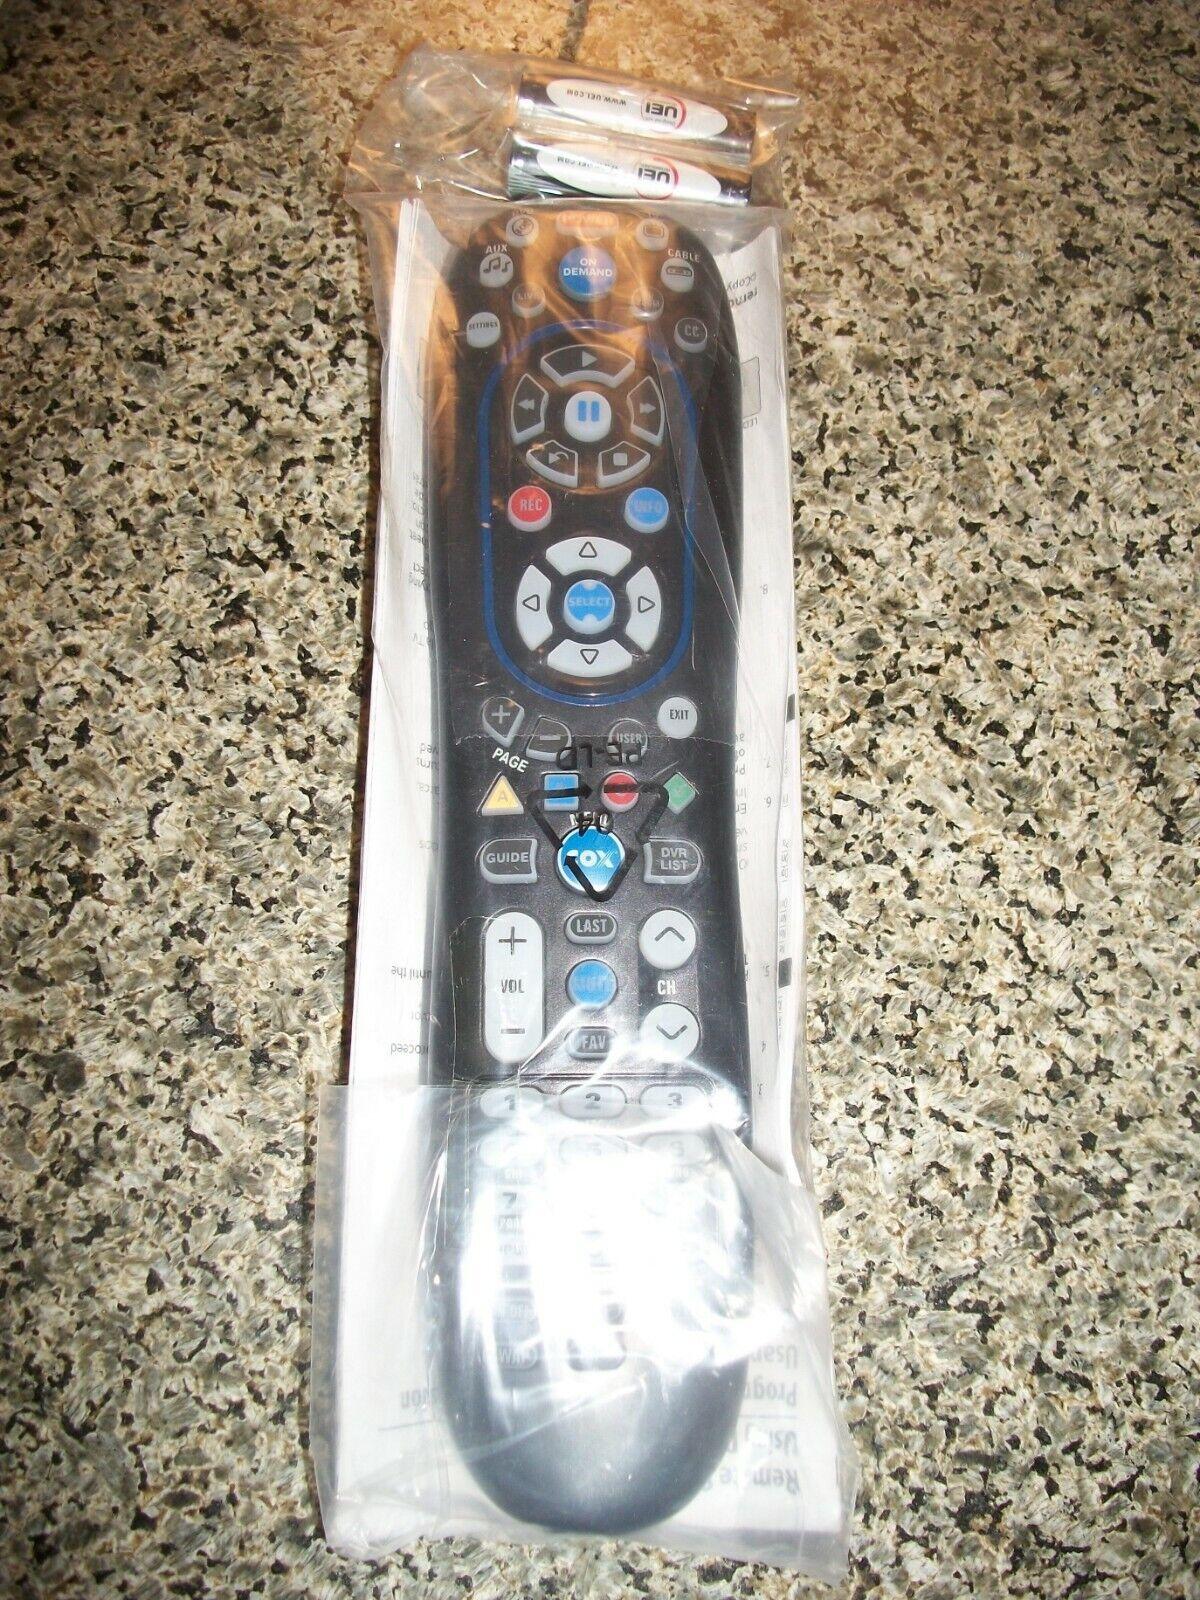 COX CABLE Contour 1 CABLE BOX REMOTE CON